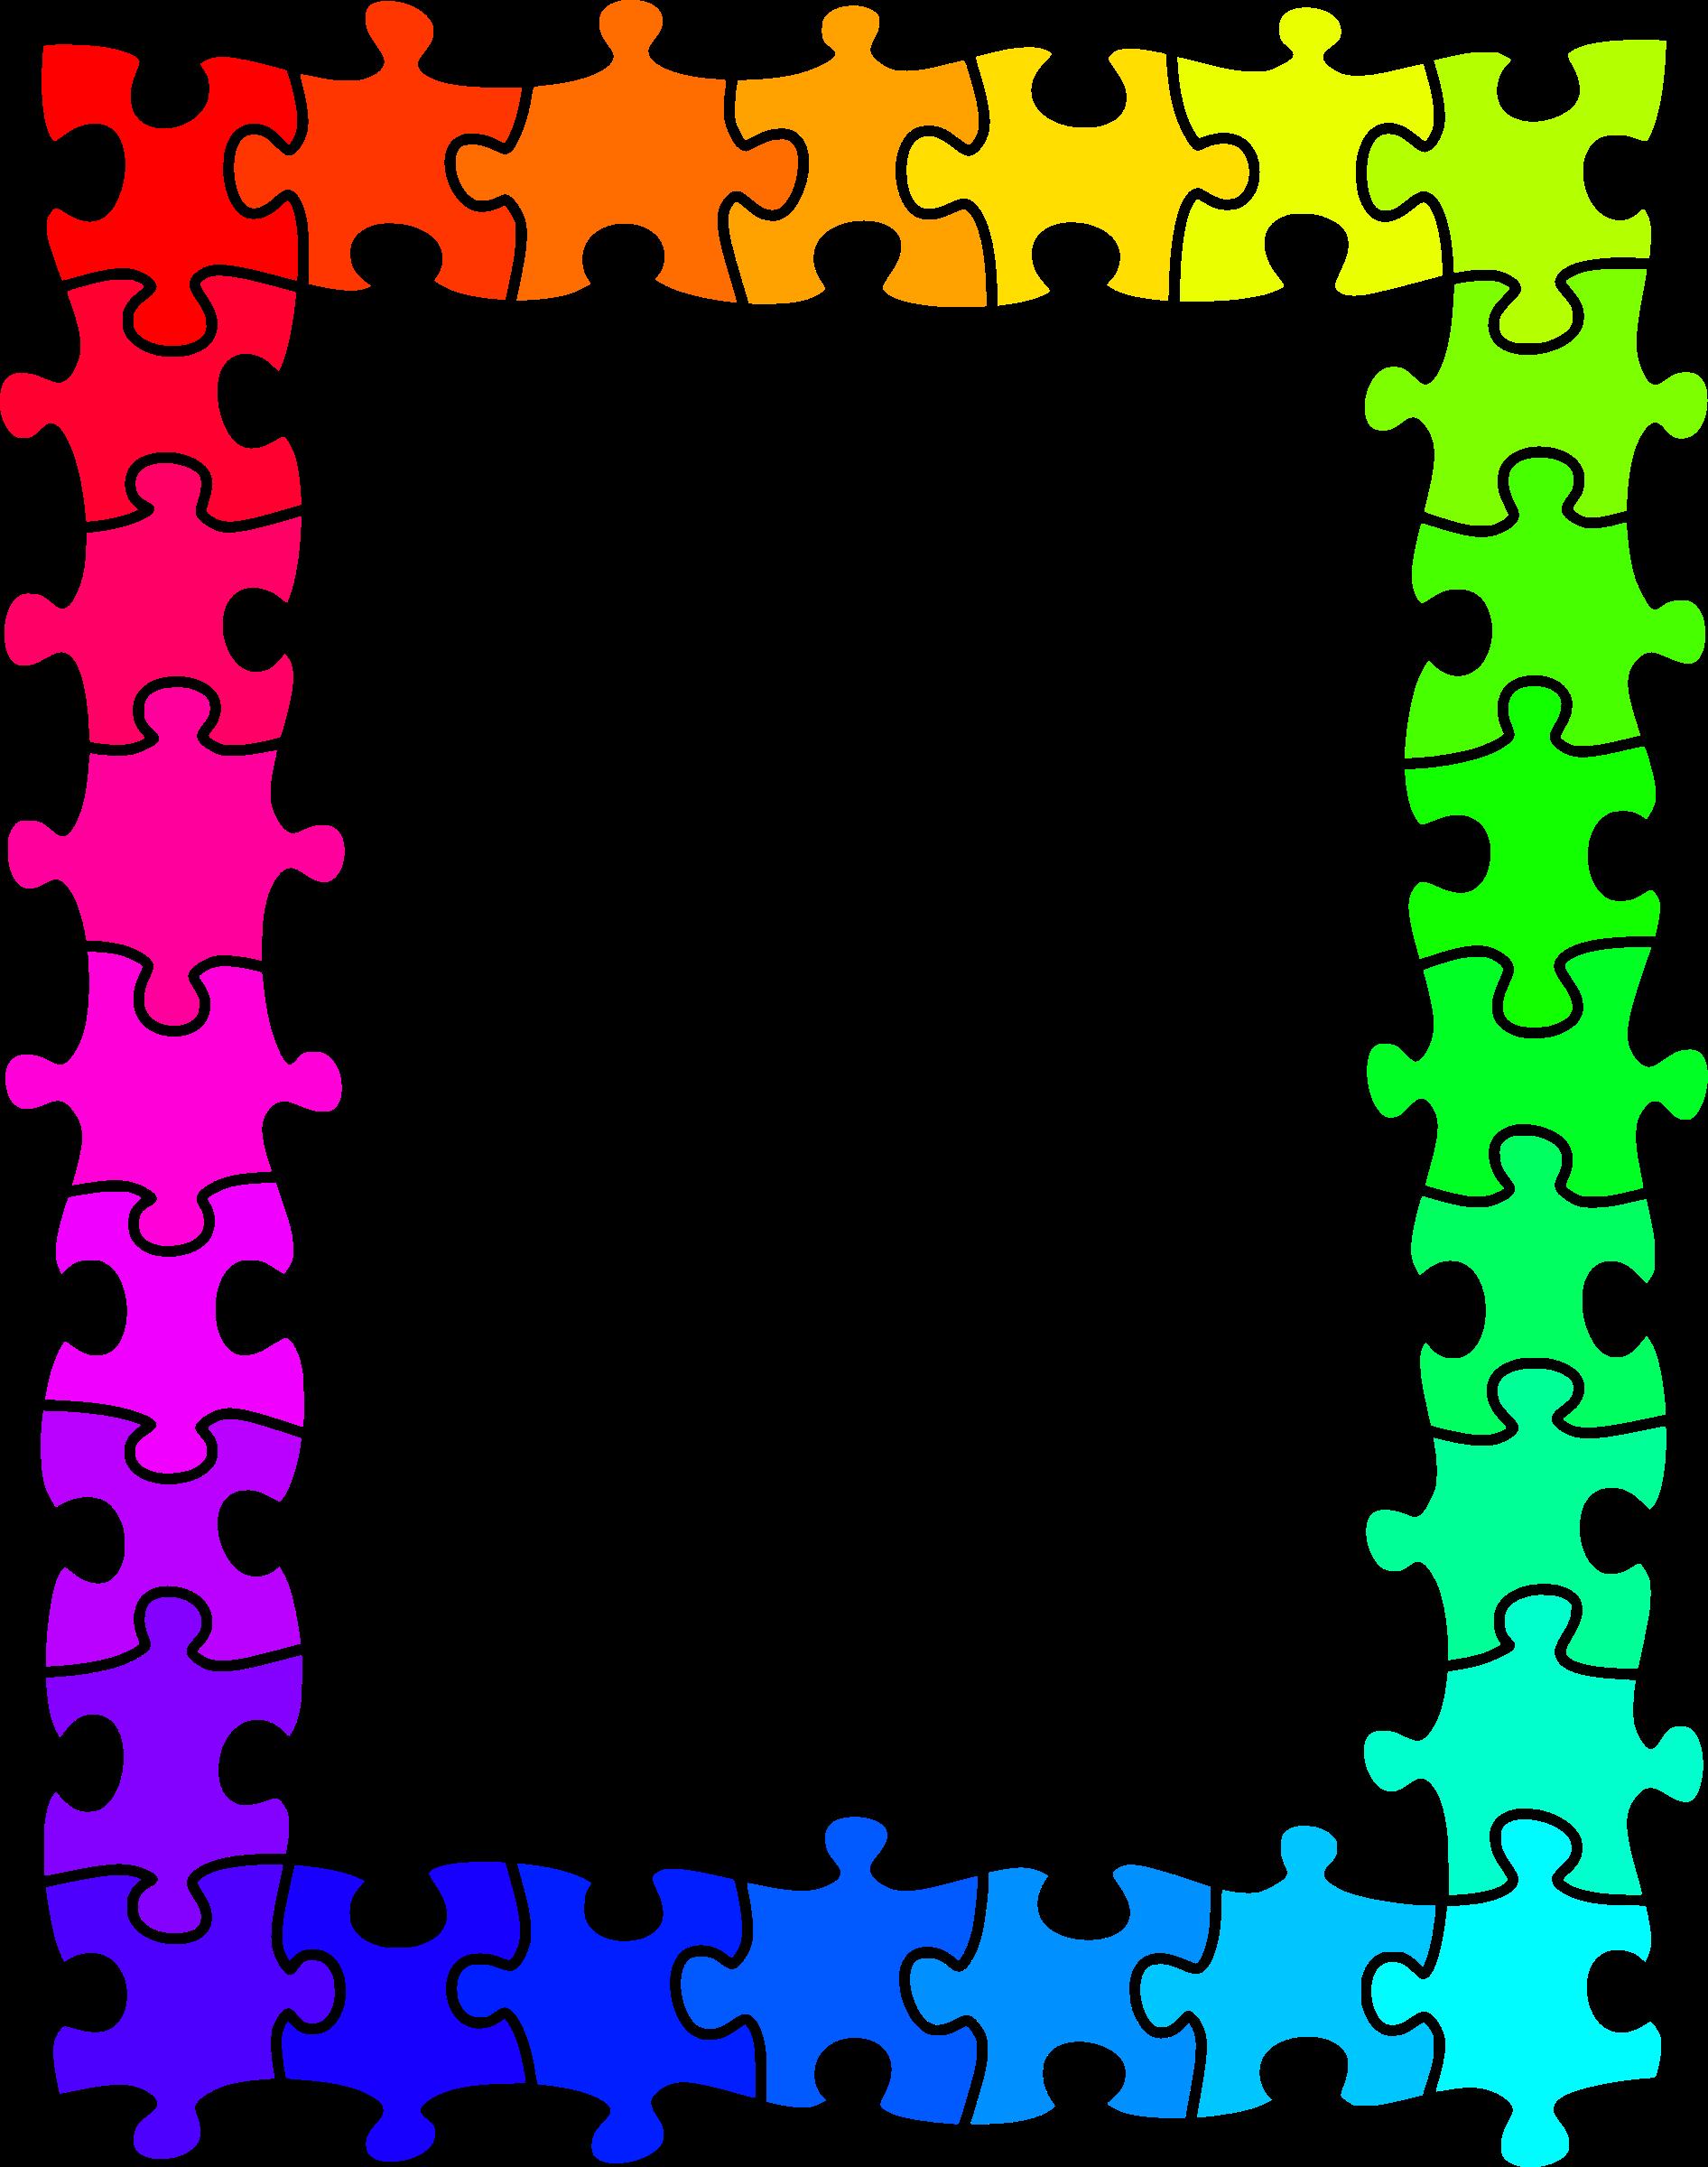 Clipart Jigsaw Frame Rainbow Colours